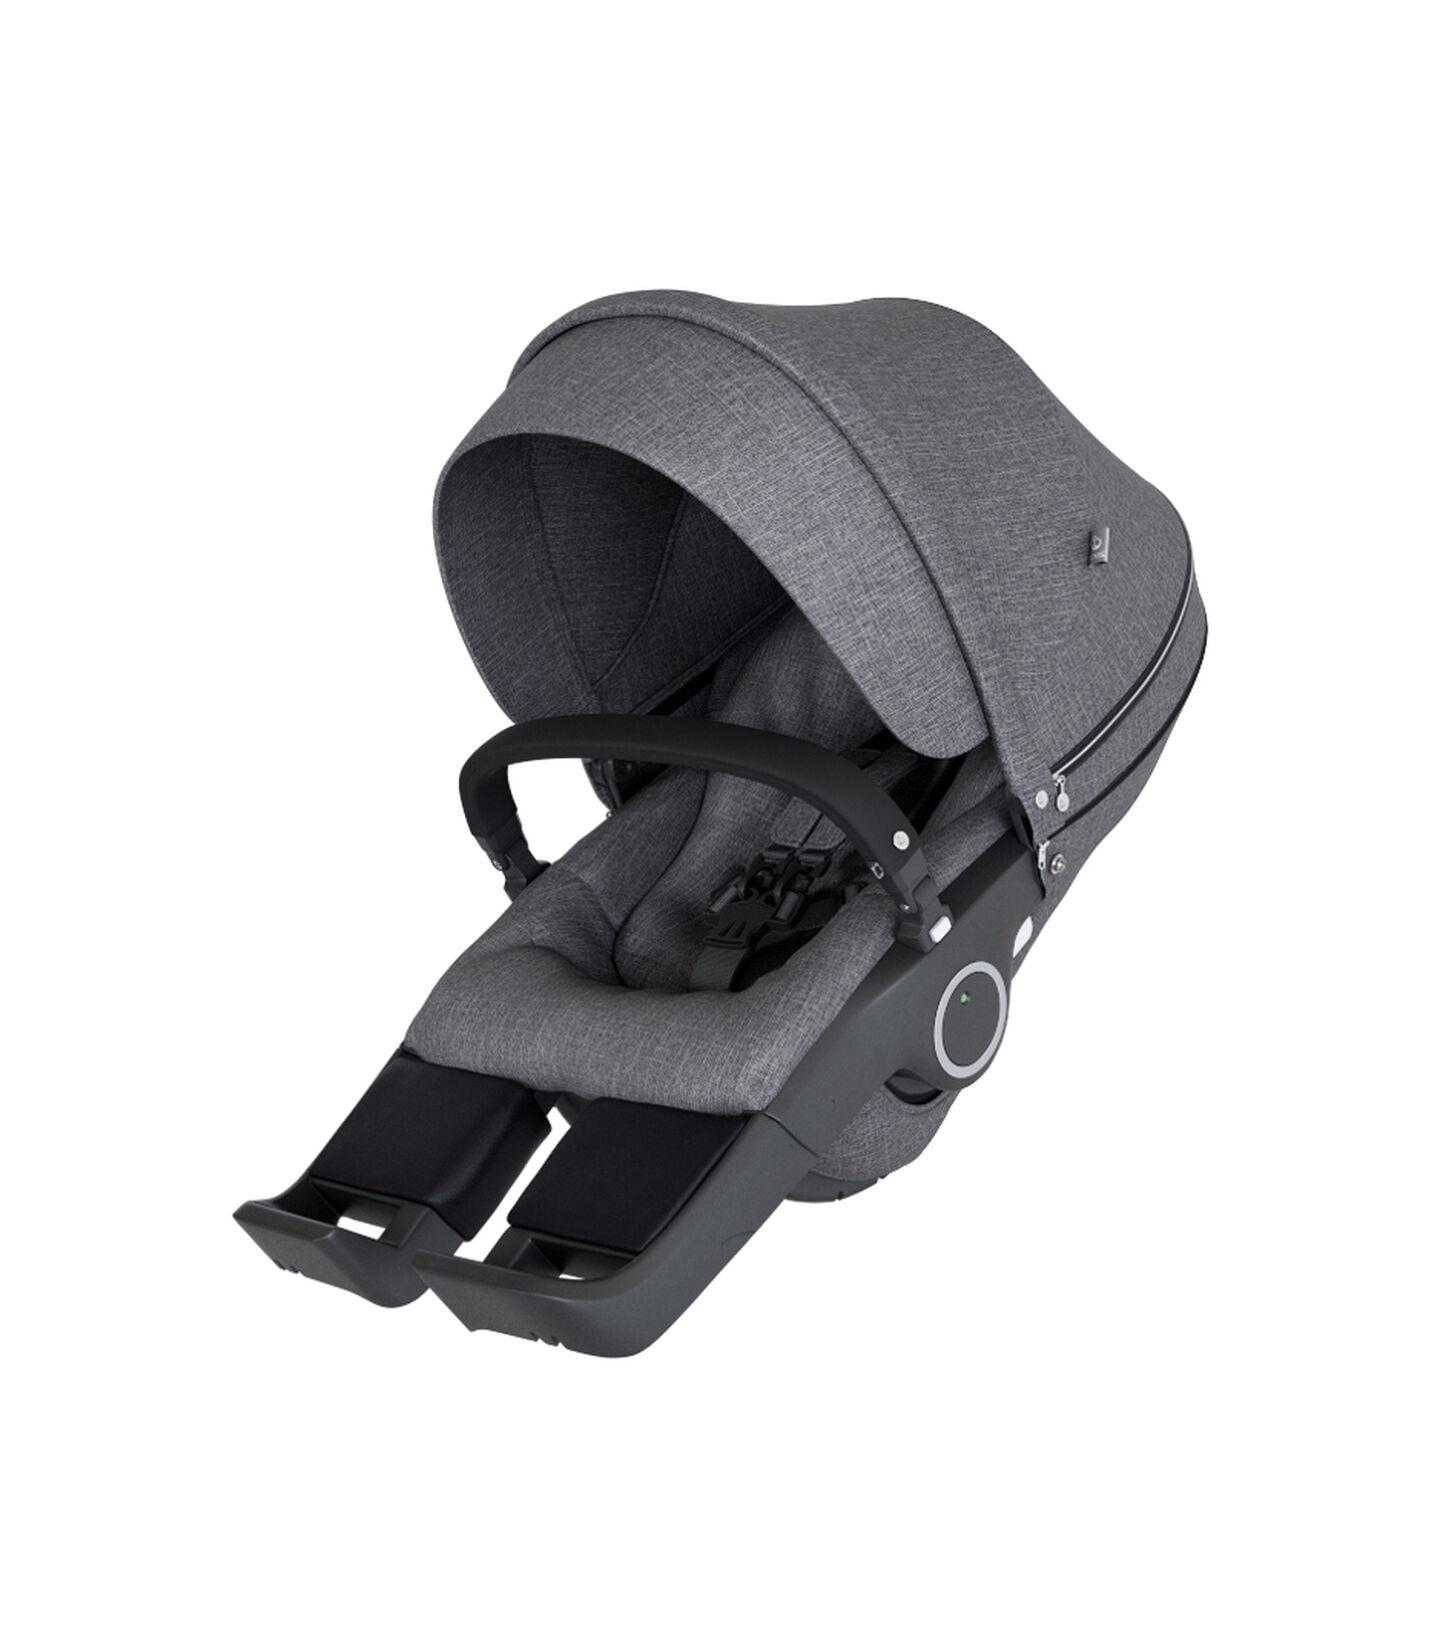 Stokke® Stroller Seat Black Melange, Noir mélange, mainview view 2